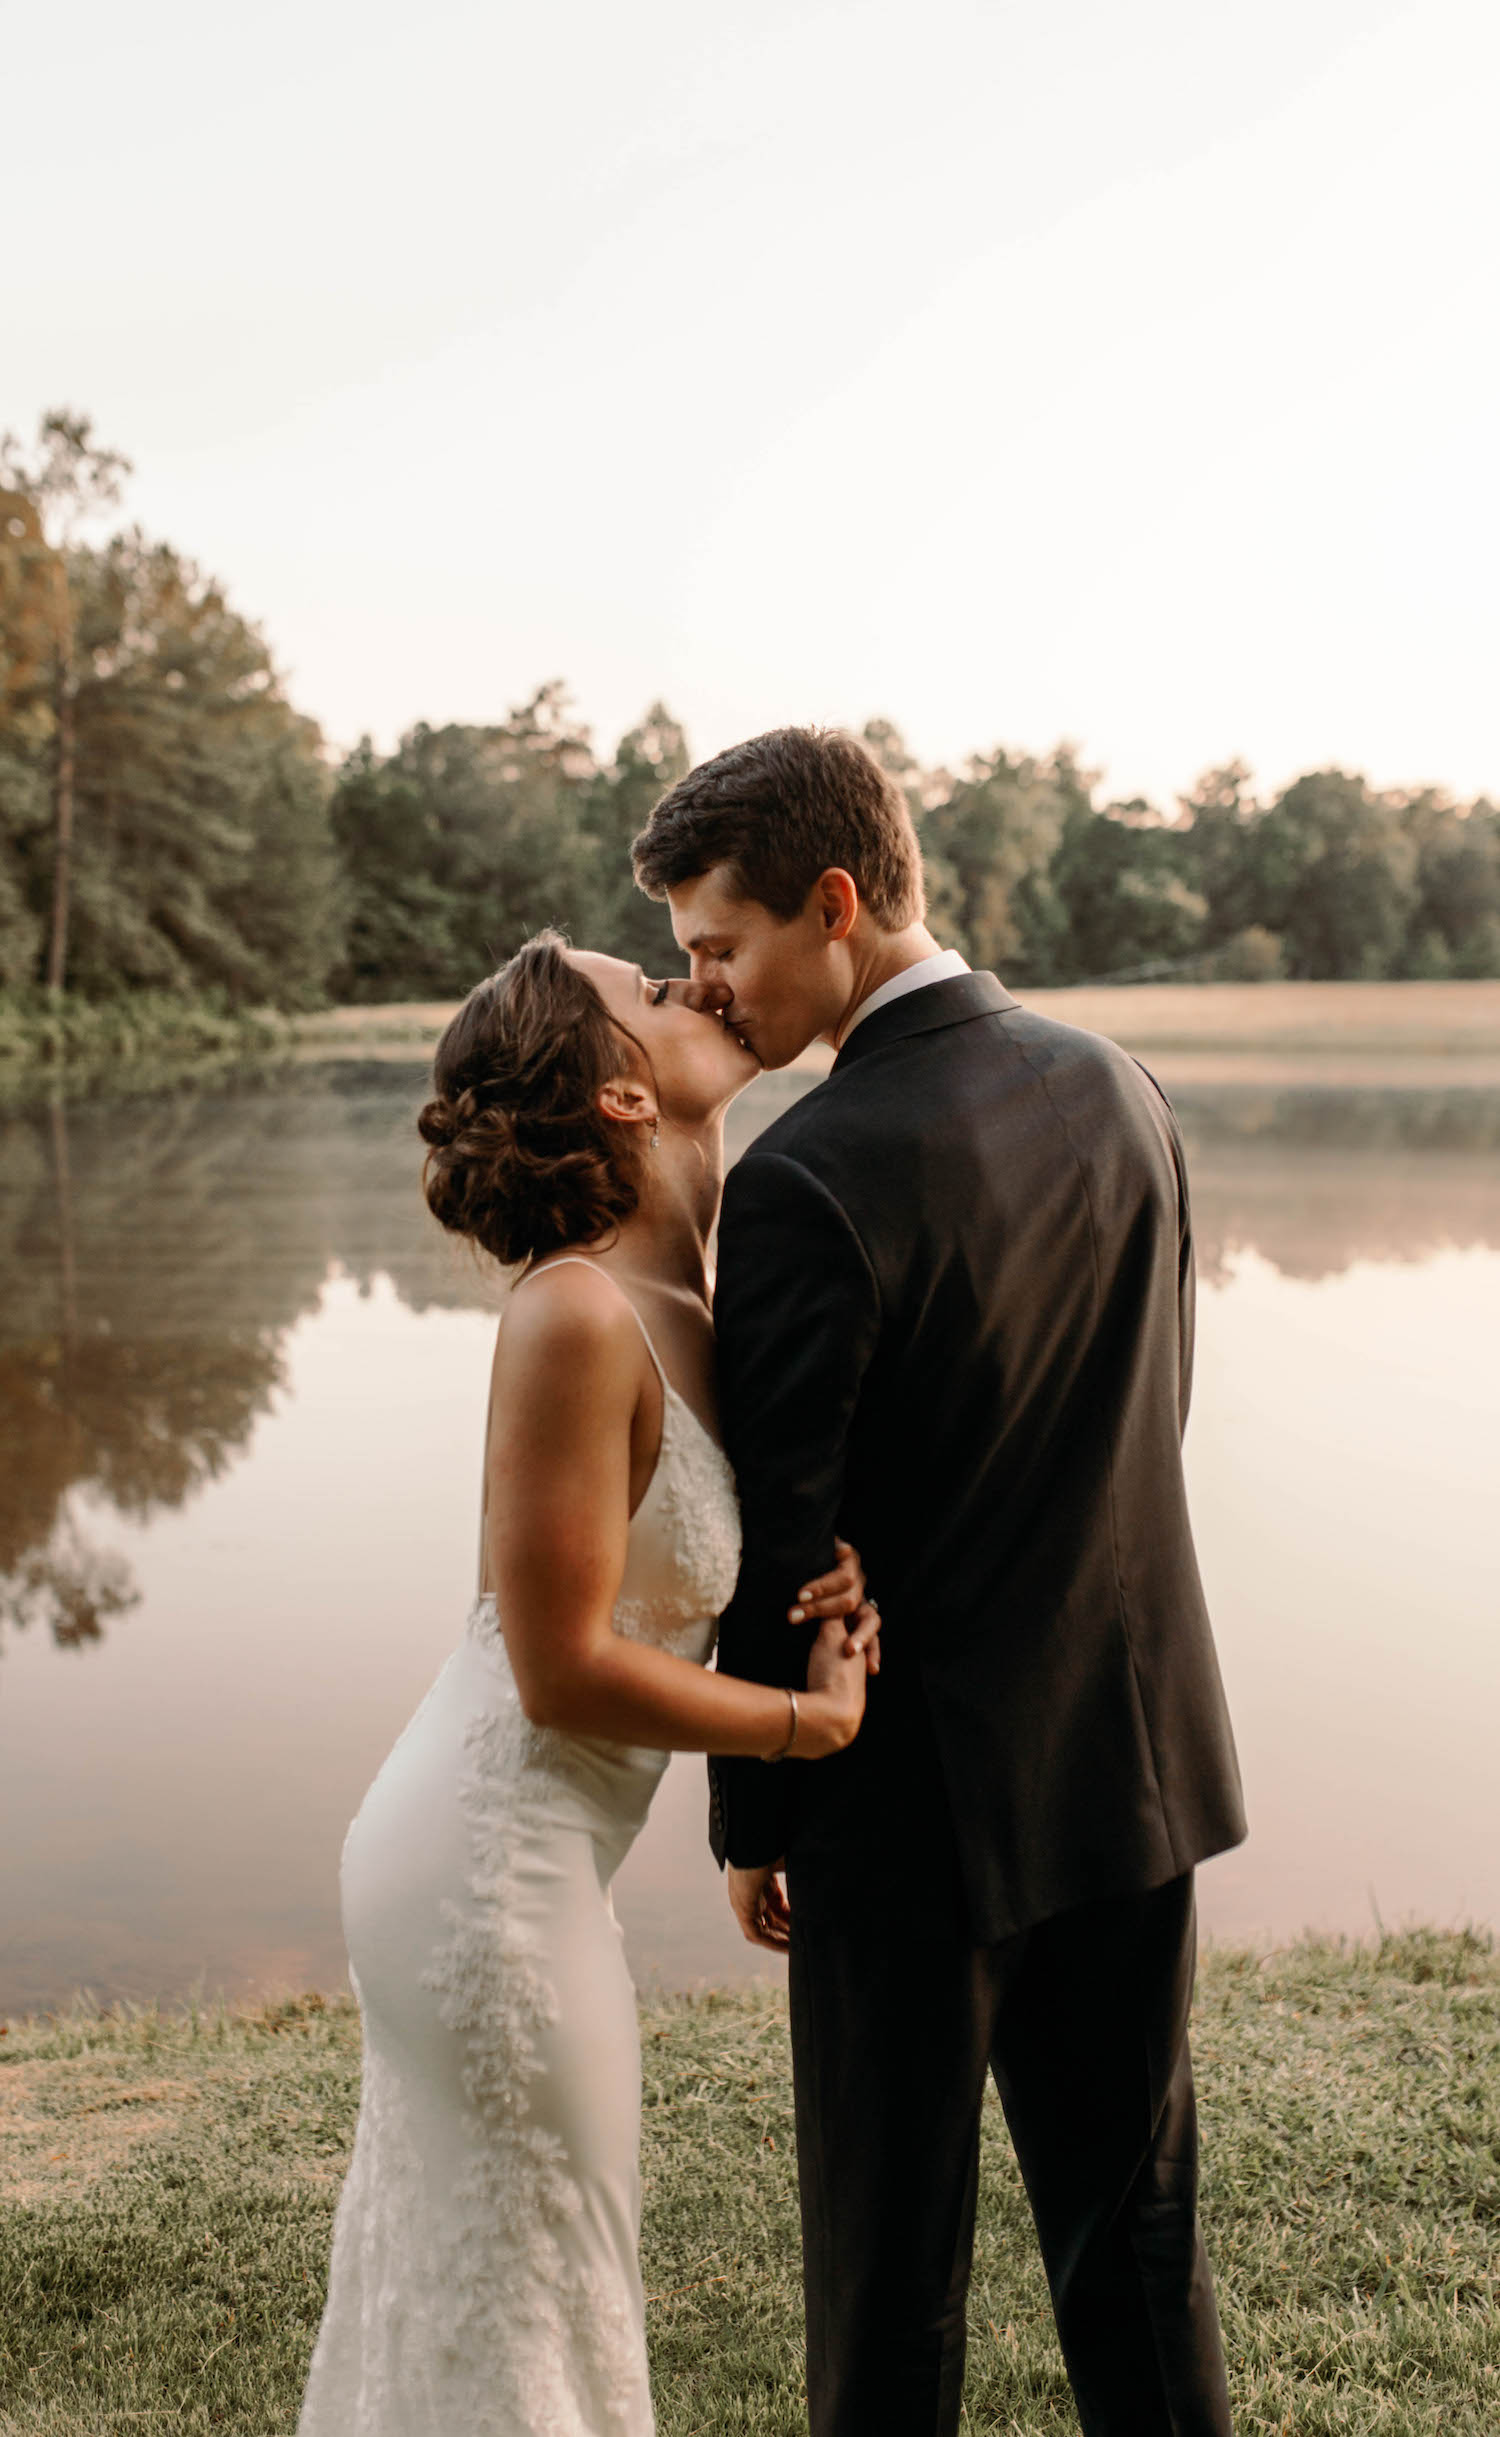 Carly-Adam-Three-Oaks-Farm-Wedding-434.jpg